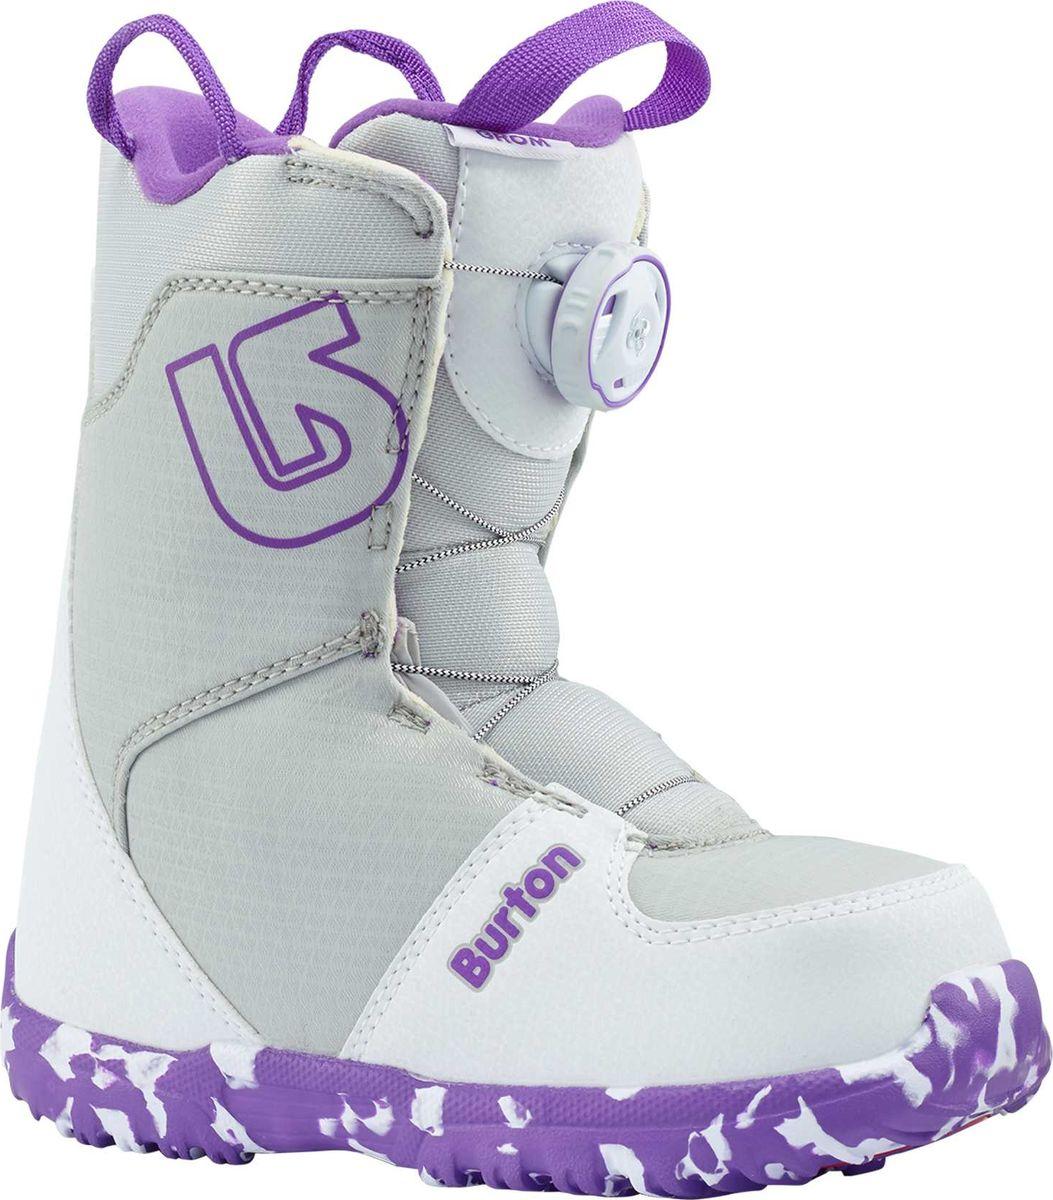 Ботинки для сноуборда Burton Grom Boa, цвет: белый, фиолетовый. Длина стельки 20,5 см15089101113Сноубордические ботинки для подрастающих райдеров,которые уже готовы отказаться от липучки в пользу системы шнуровки BOA.